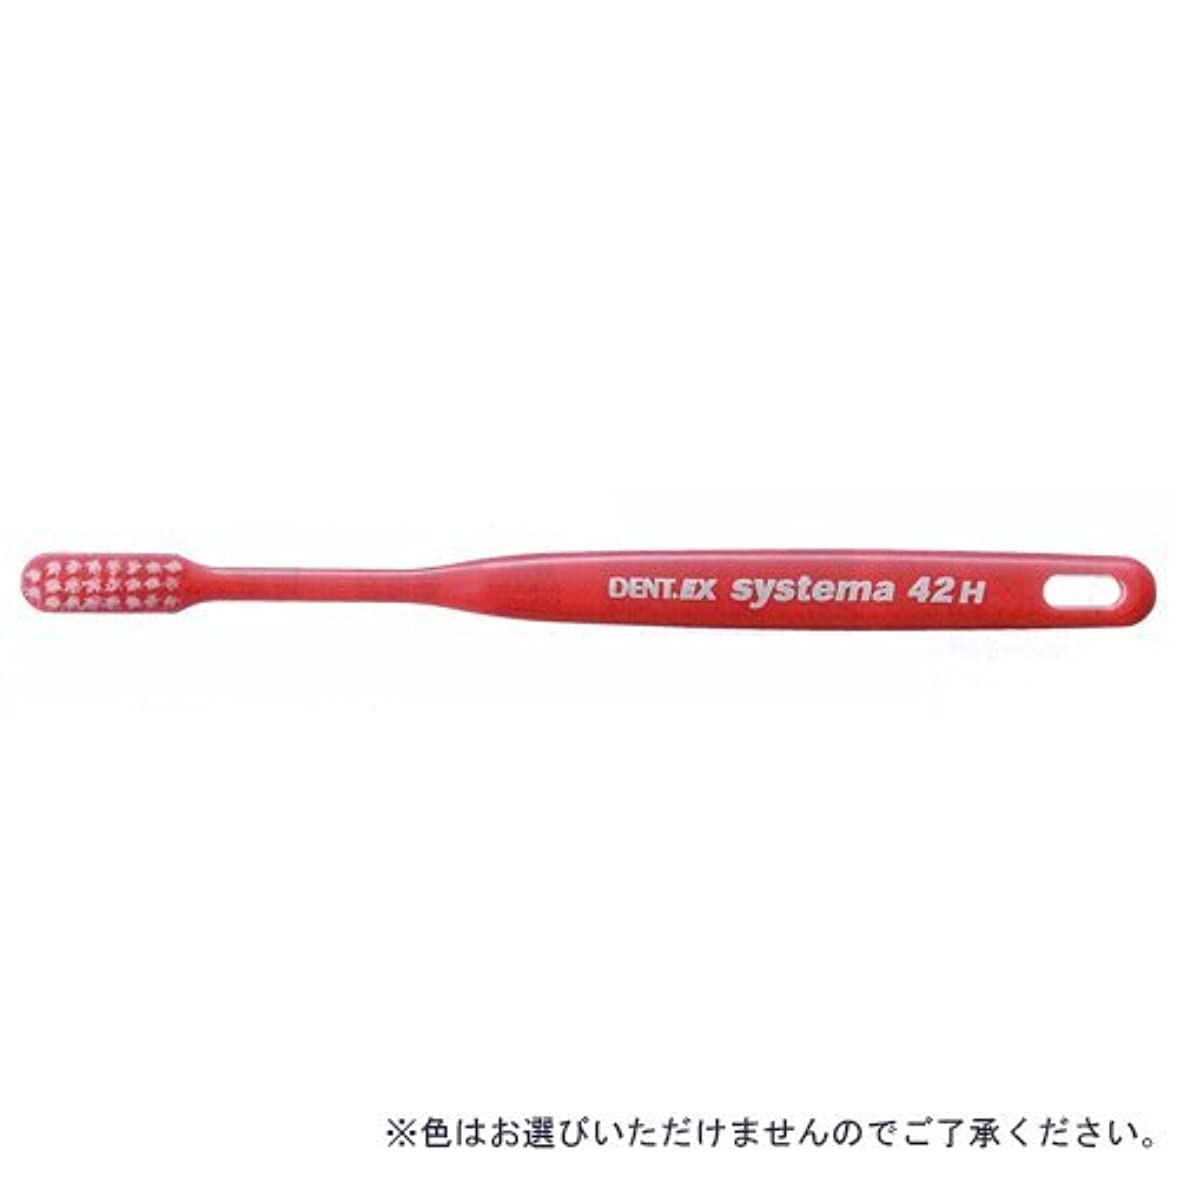 脚本家全滅させる純度ライオン DENT.EX システマ 42H(かため)